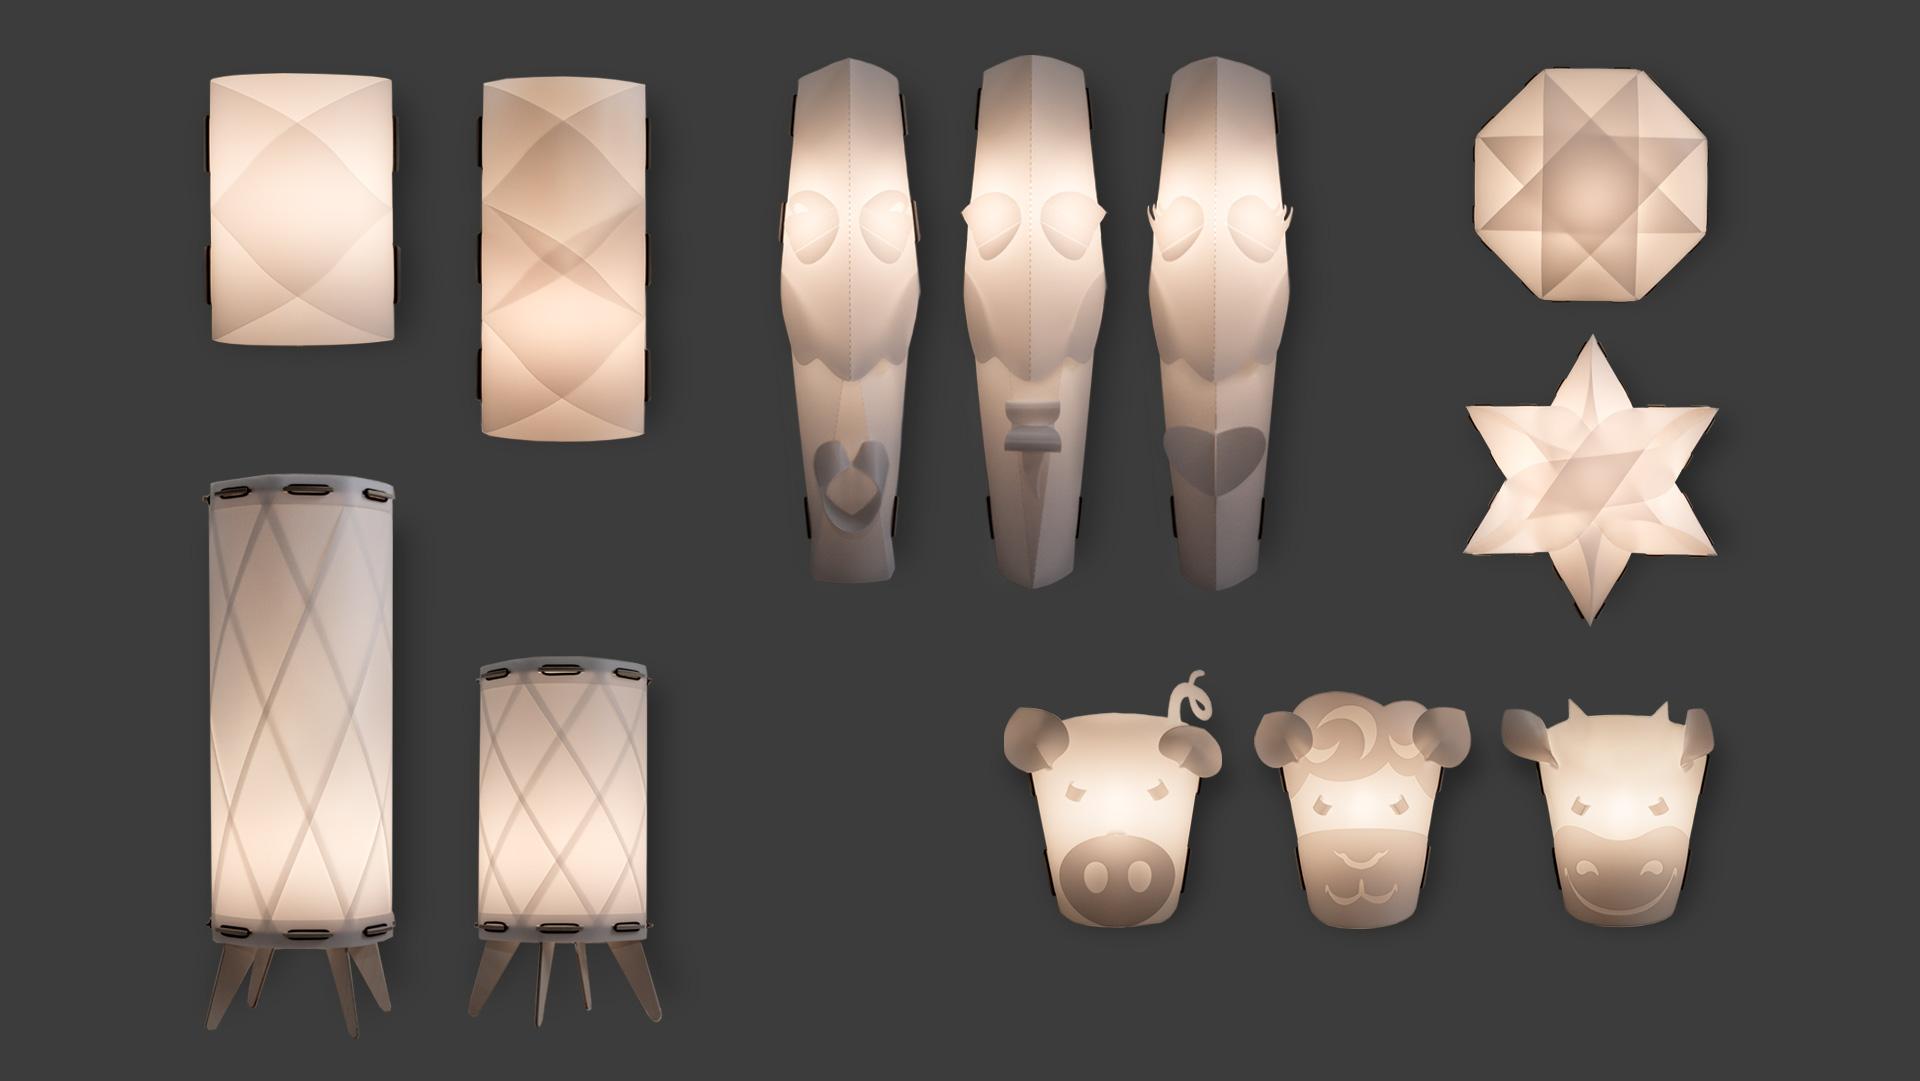 unterschiedliche Lampenmotive der bei Werkhaus vertriebenen Stecklampen. Ornamentlampen hängend und stehend, Ethnolampen in Maseknform, Sternlampe, Achtecklampe, Tierlampen Motive Schwein, Schaf und Kuh